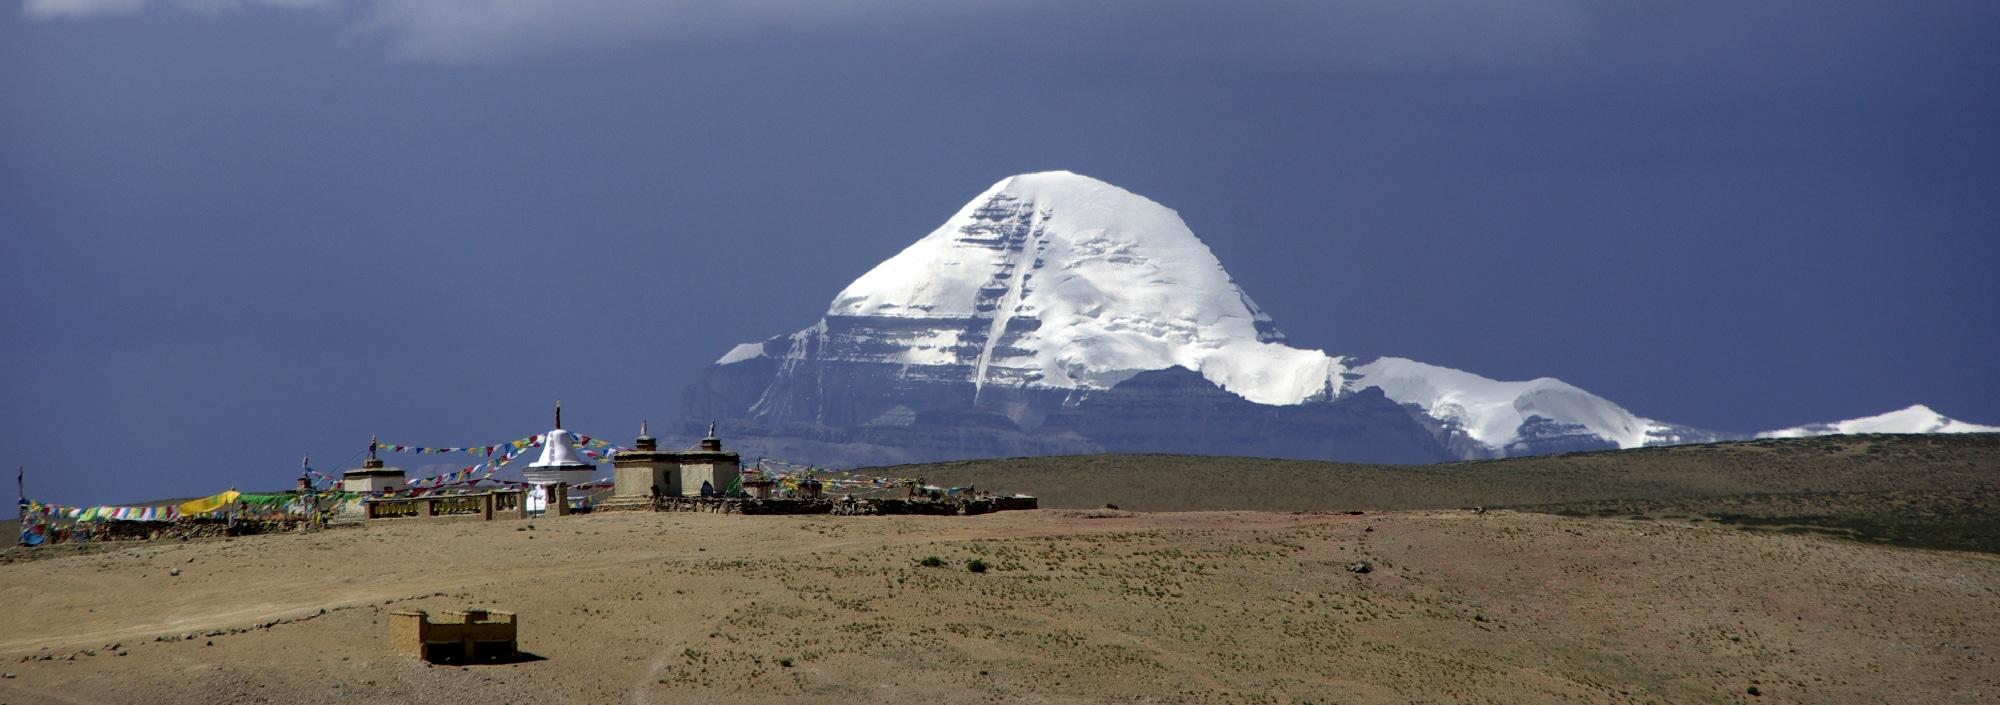 Le Mont Kailash au Tibet.